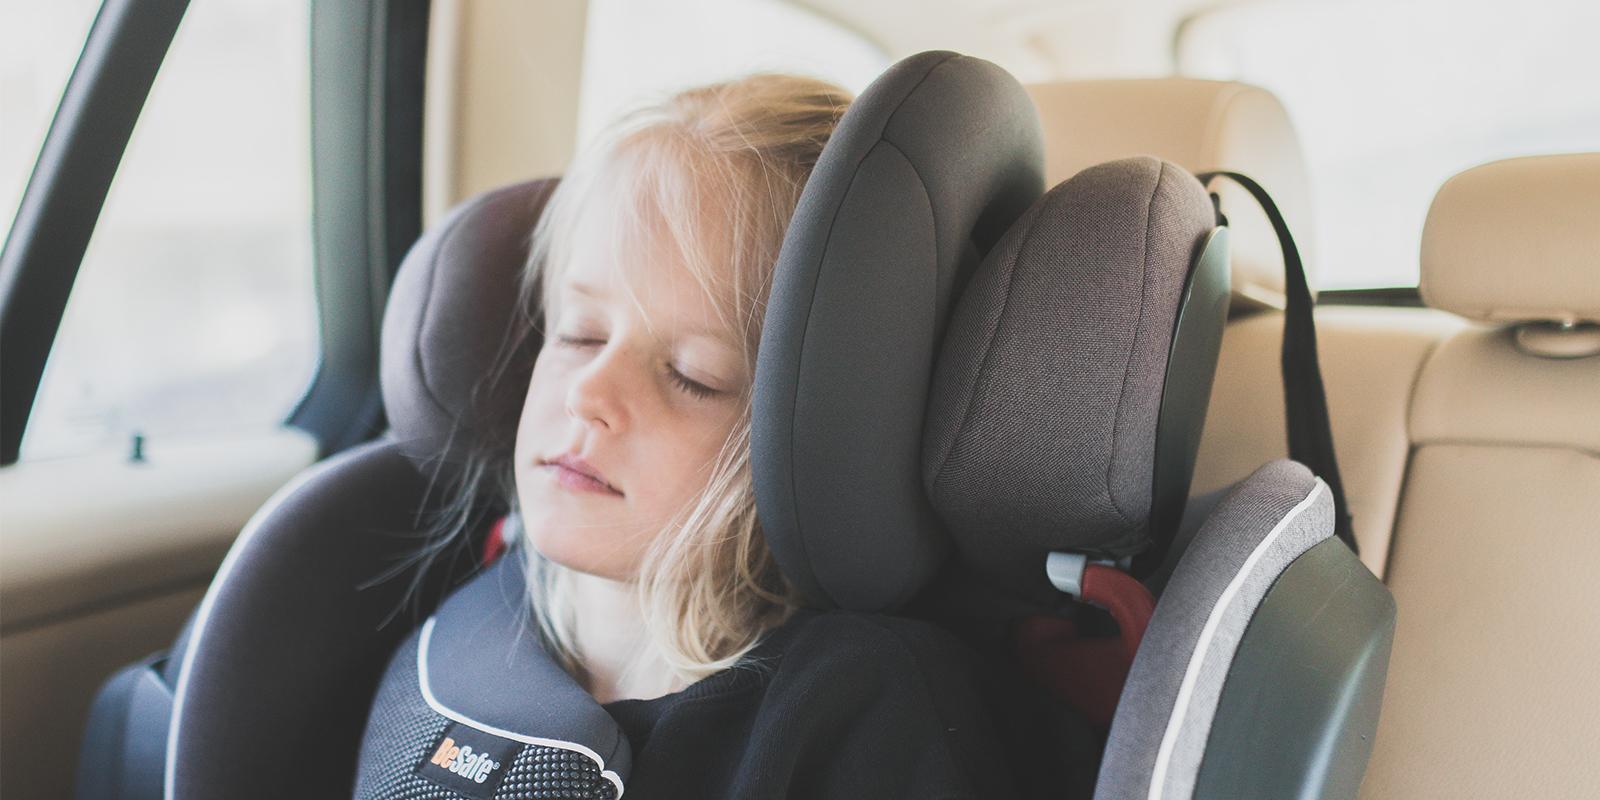 Tipps für eine sichere Fahrt